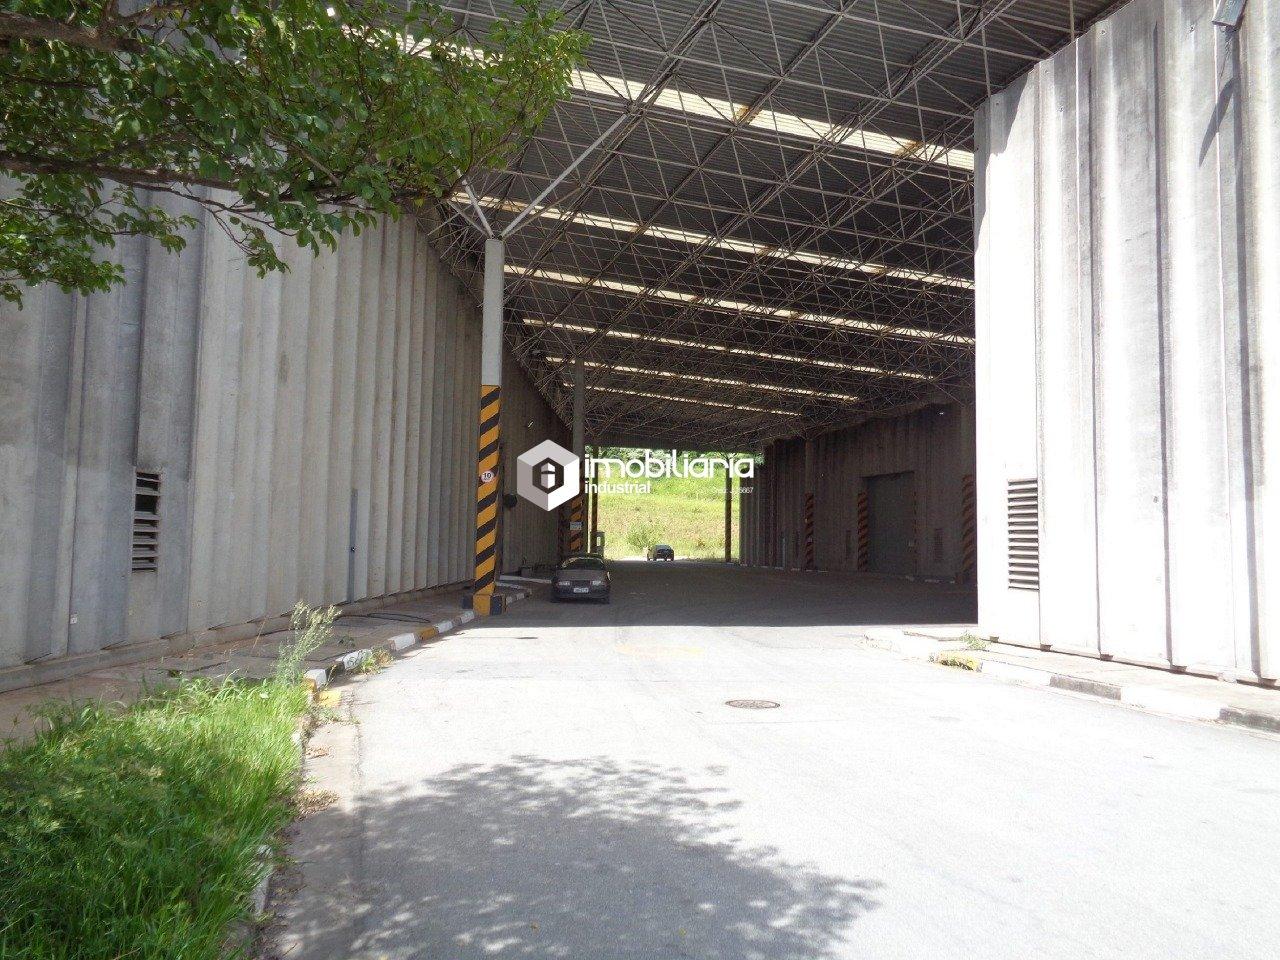 Pavilhão/galpão/depósito para alugar, 28.621 m² por R$ 200.000,00